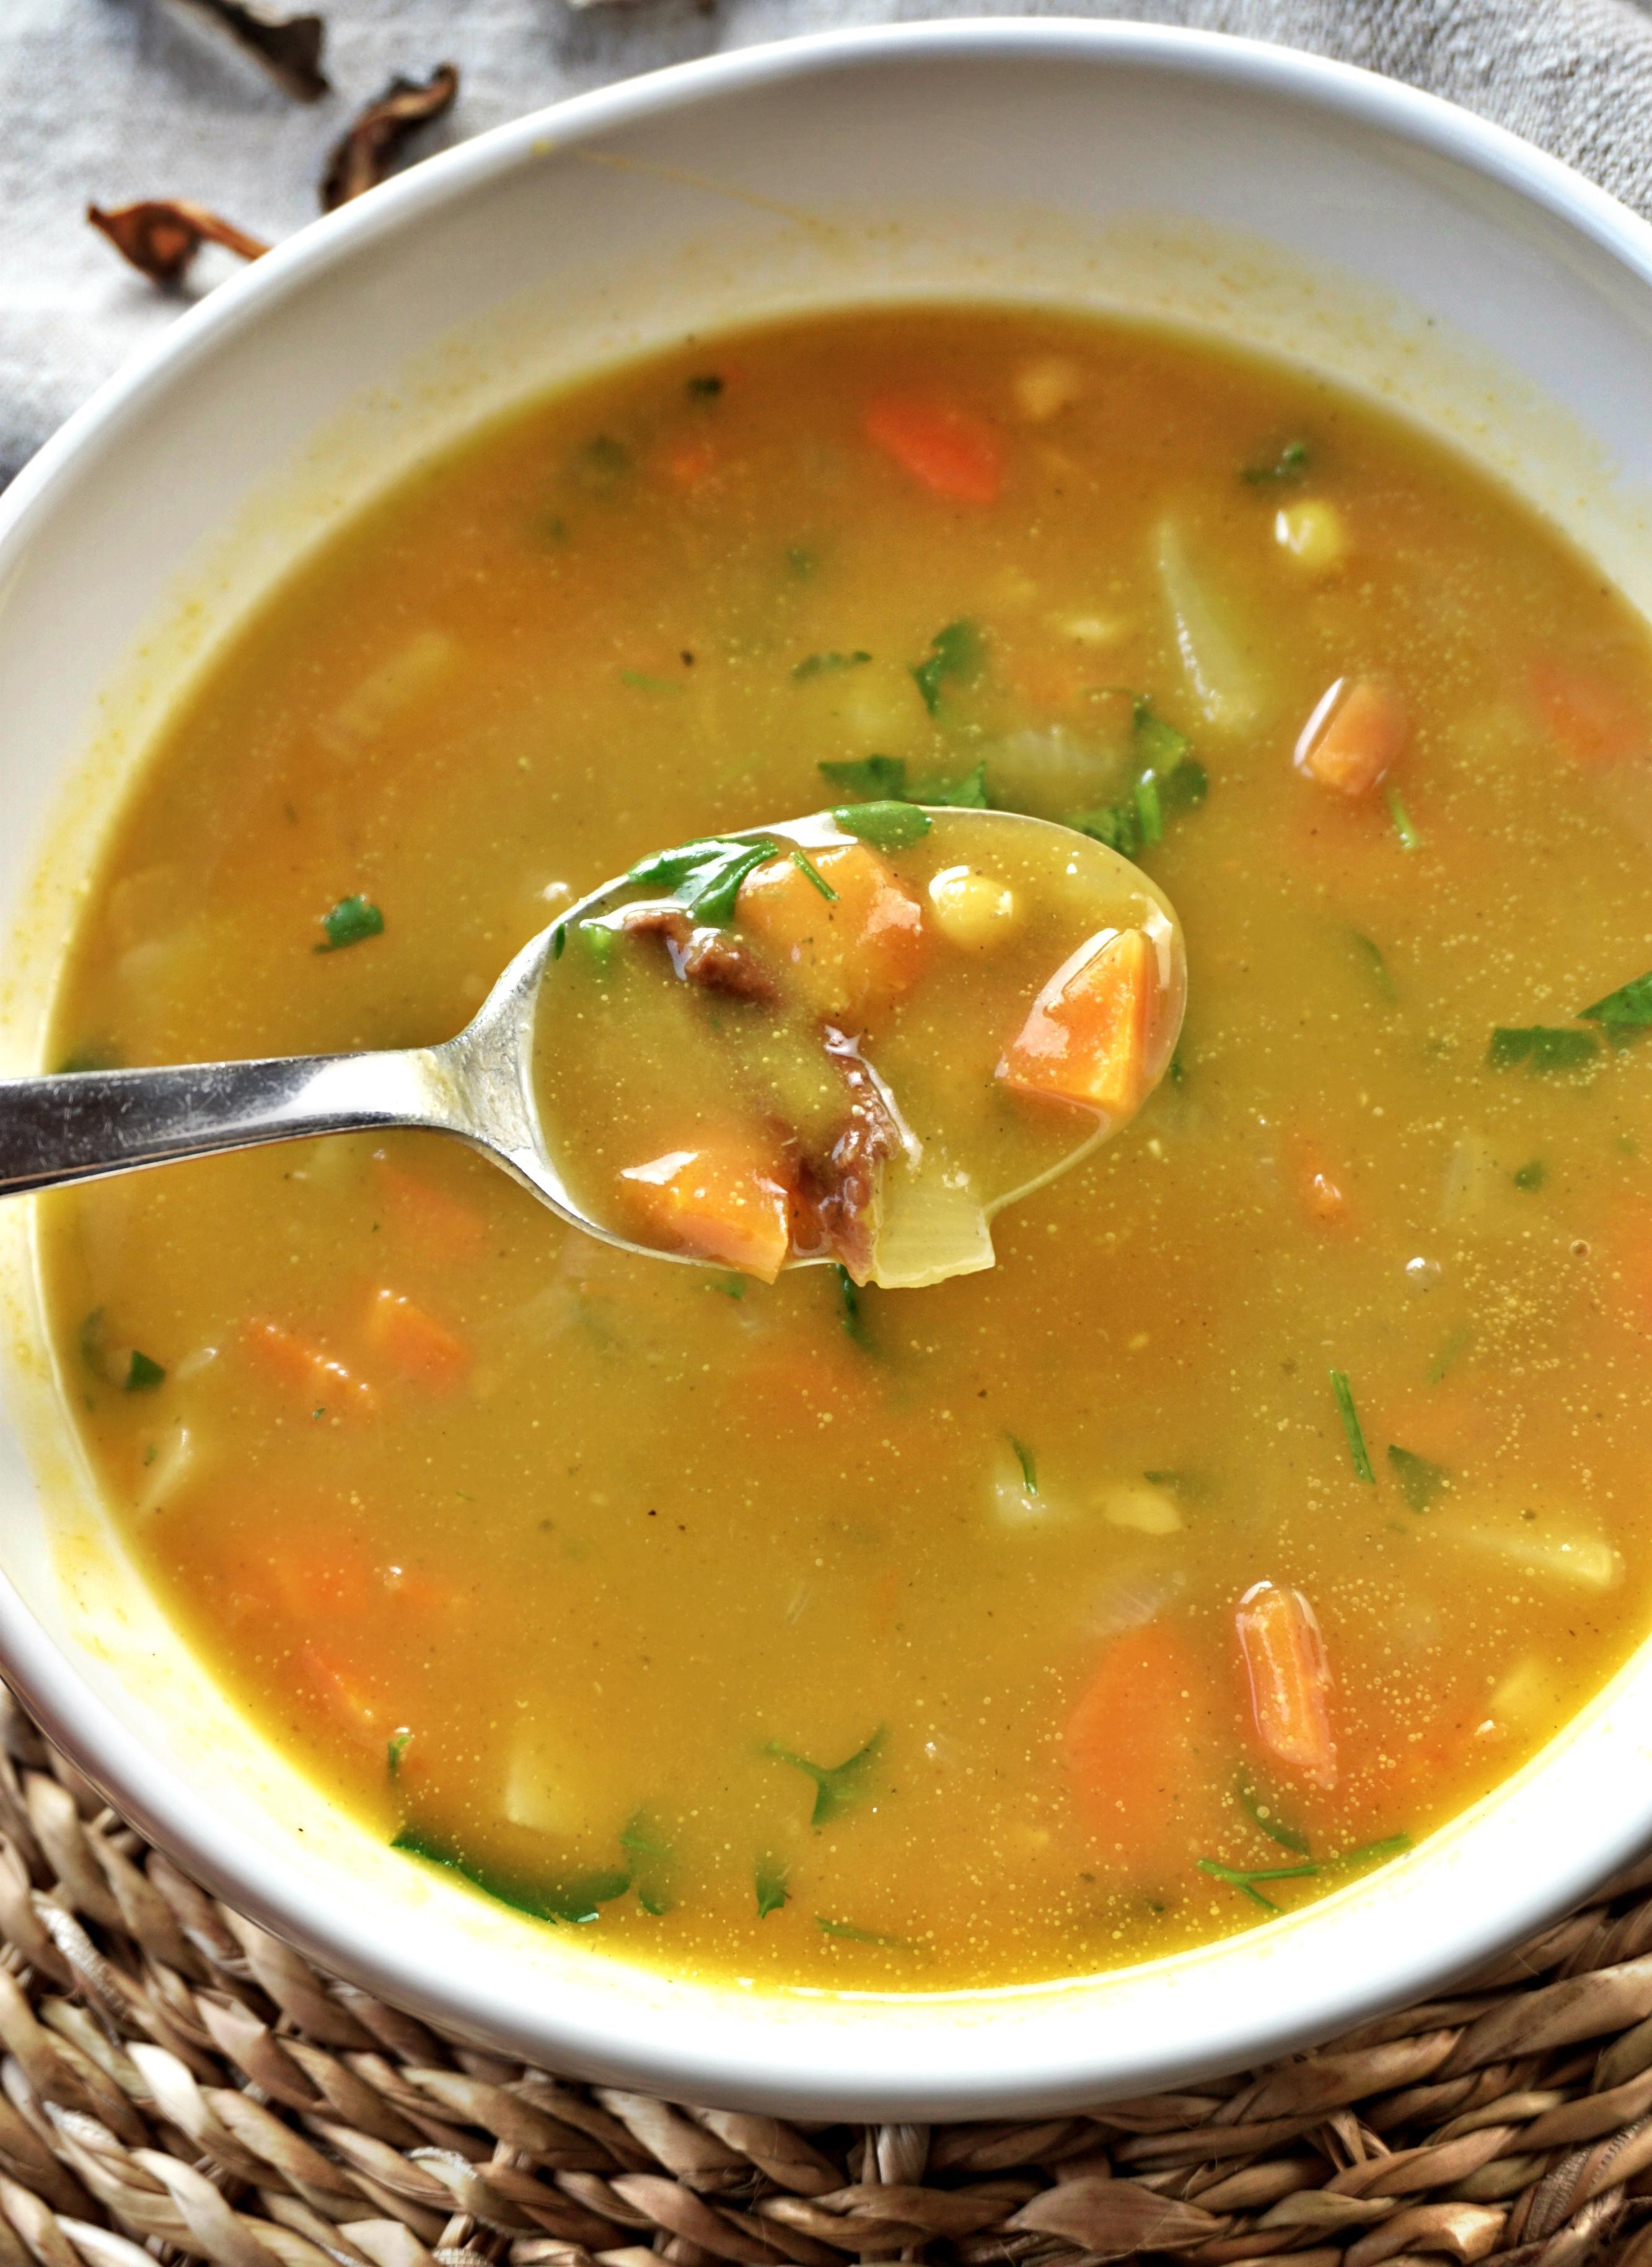 Žirnių ir moliūgų sriuba su baravykais